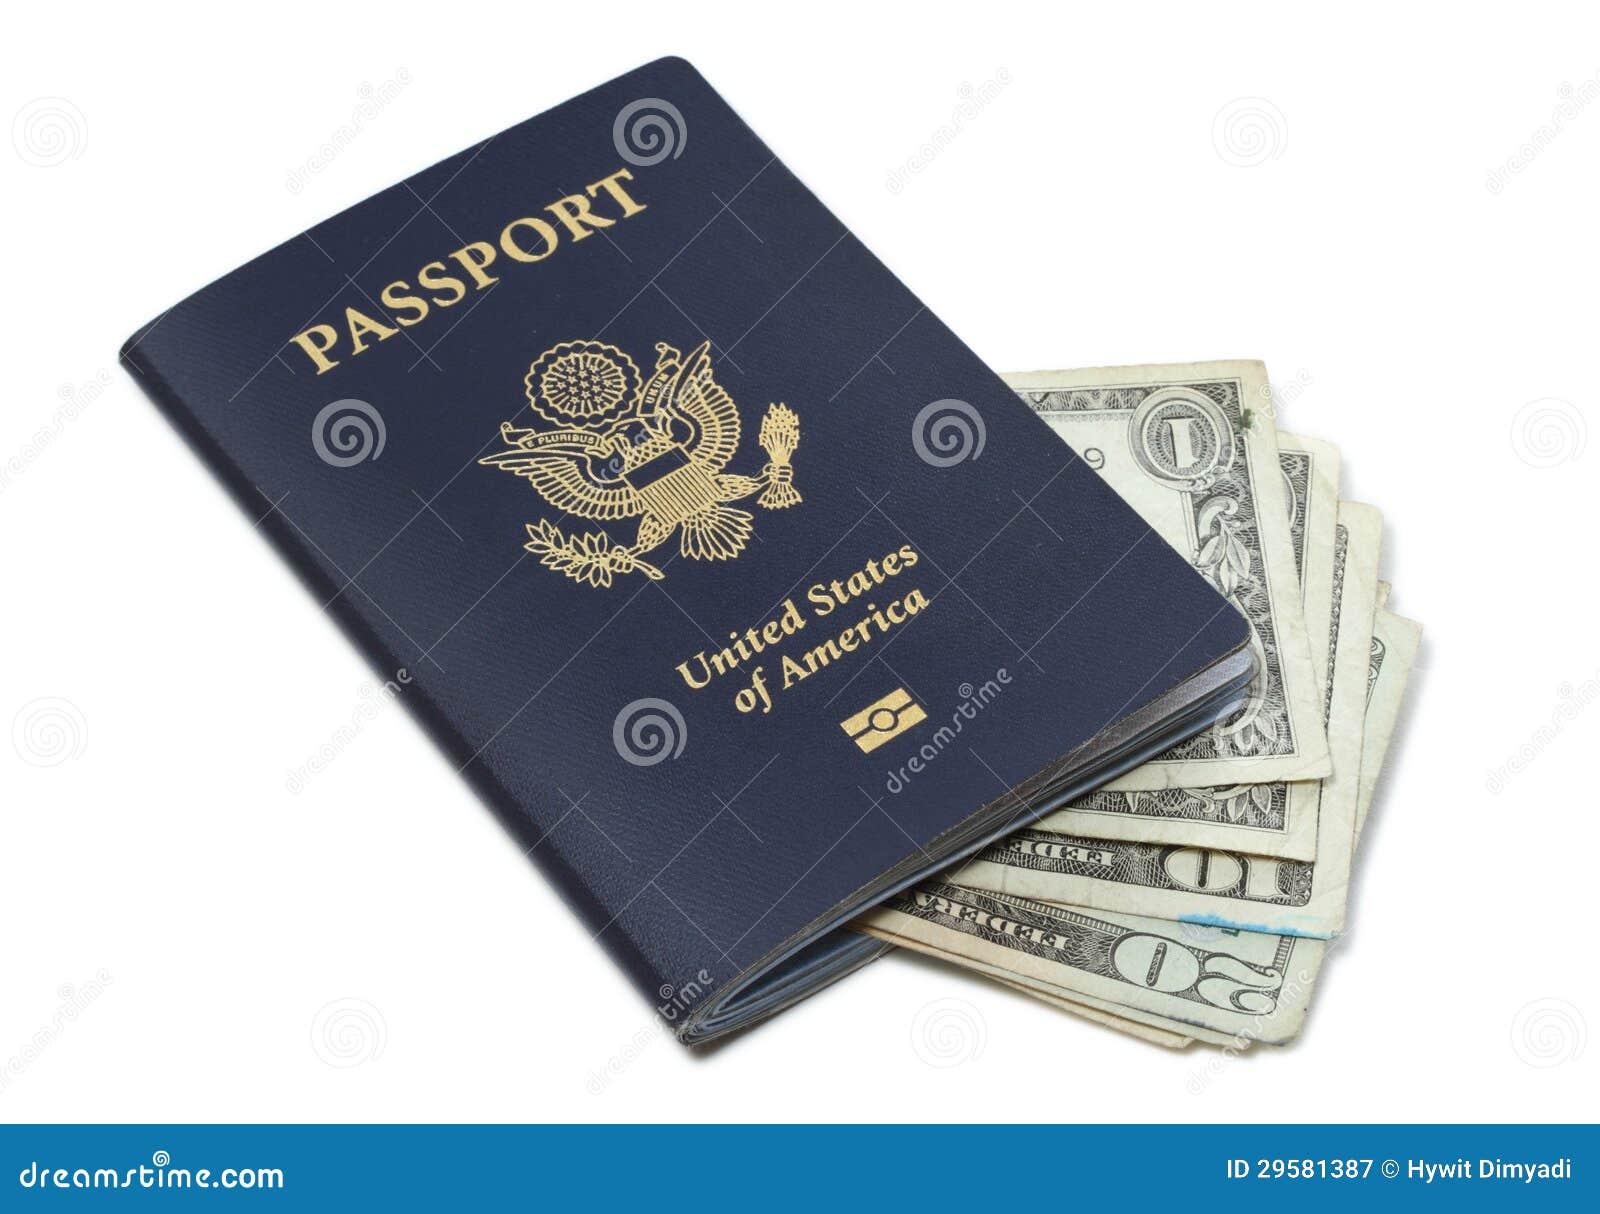 Pasaporte y efectivo de los E.E.U.U.